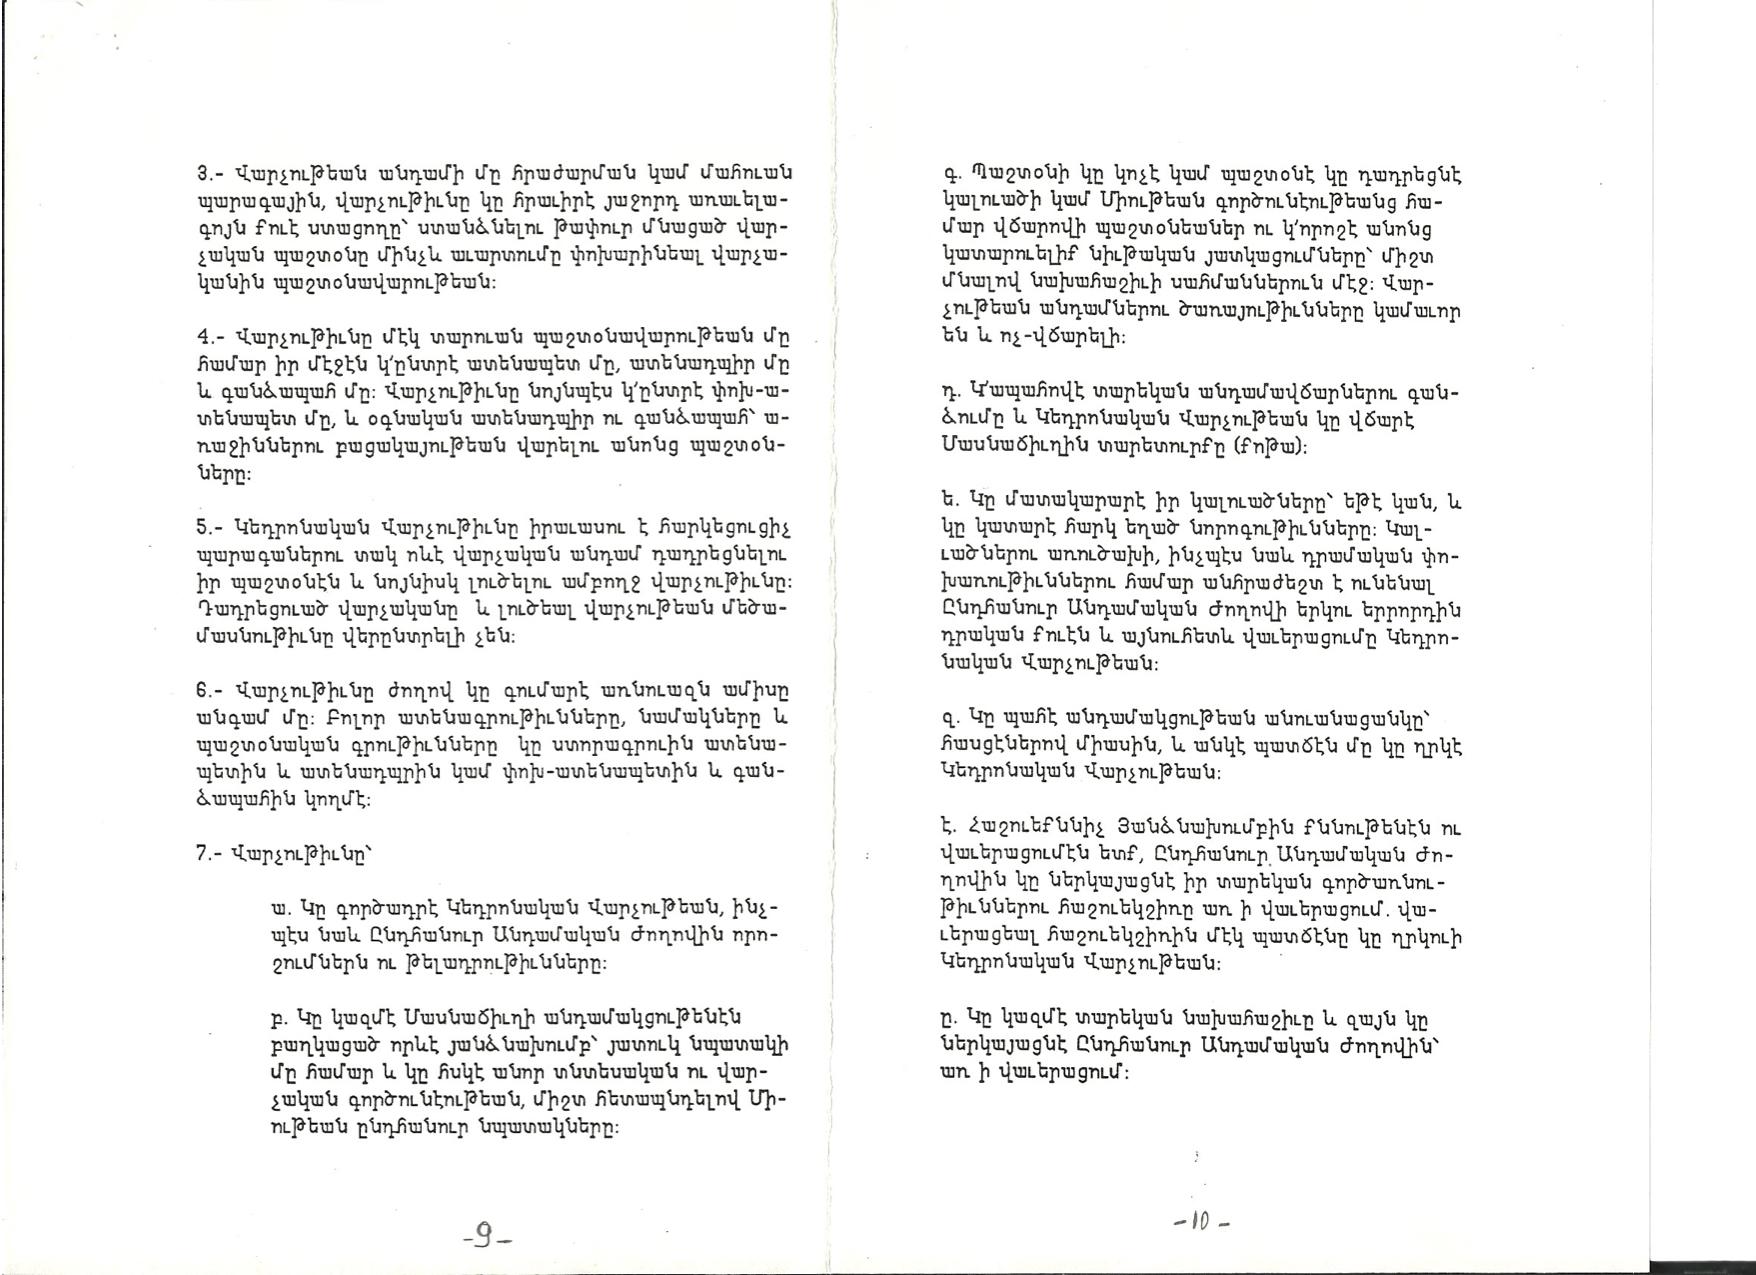 Կանոնագիր Թէքէեան Մշակ. Միութեան6.jpg